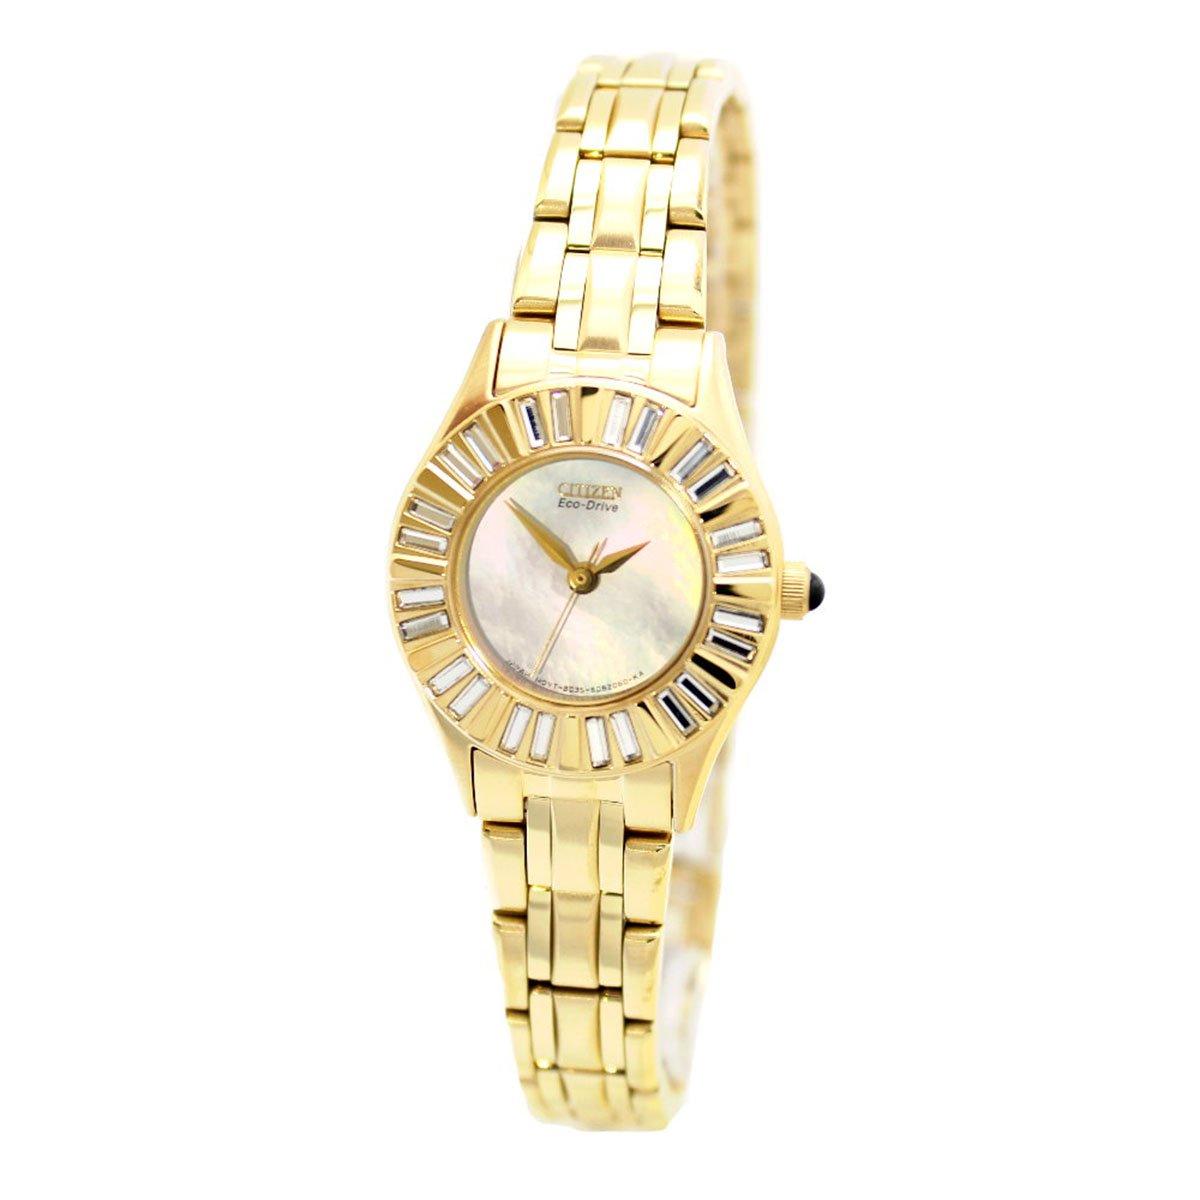 นาฬิกาผู้หญิง Citizen Eco-Drive รุ่น EW5376-54D